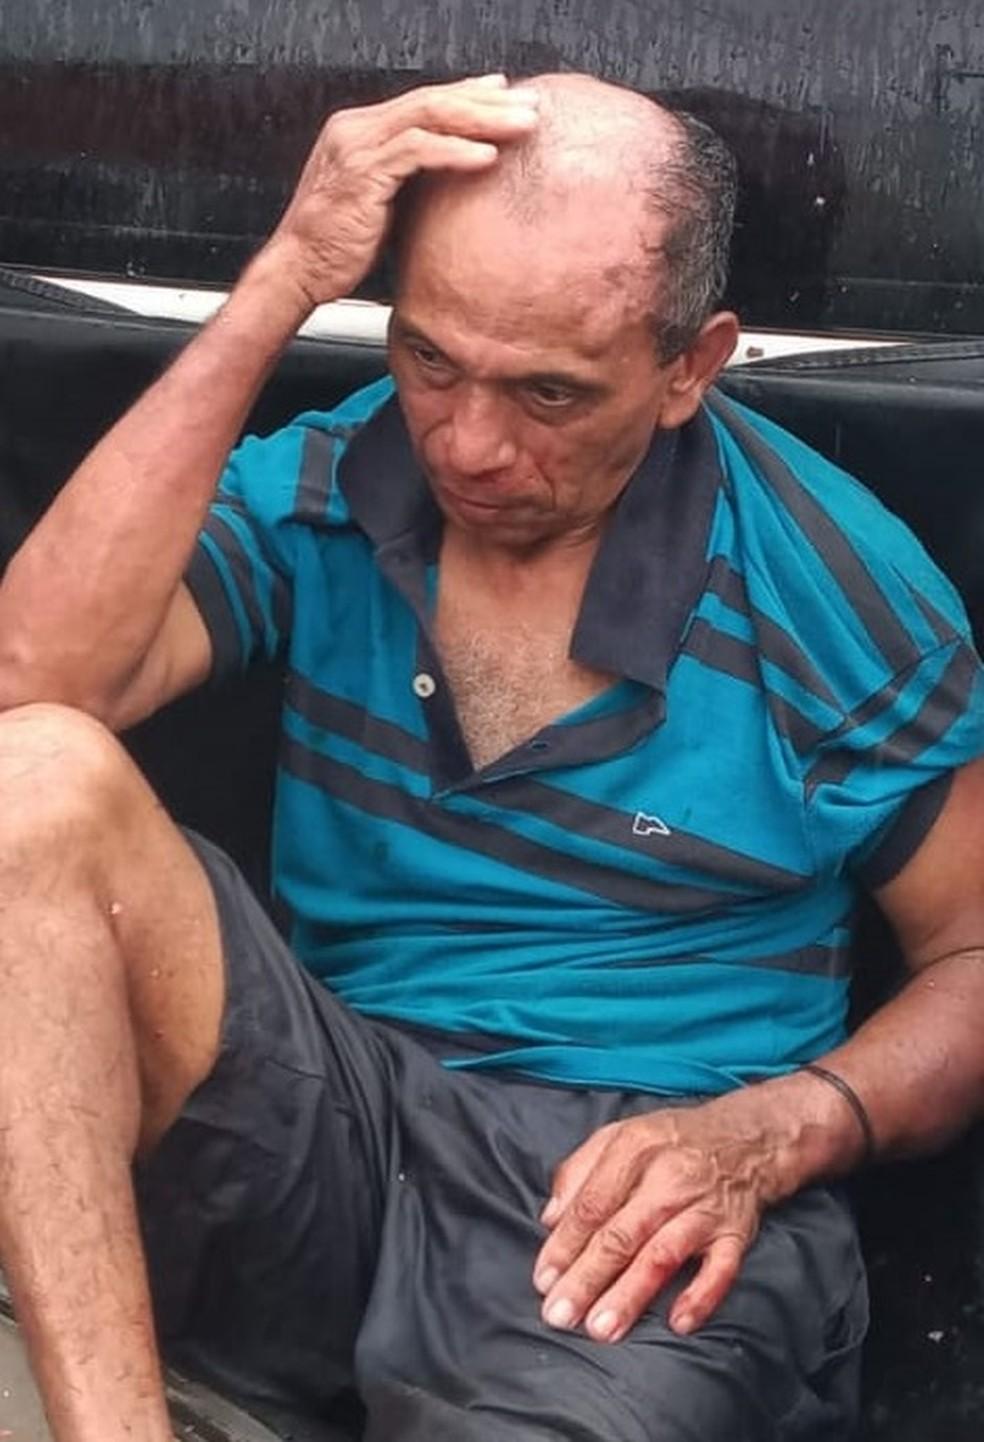 Homem preso por suspeita de estupro contra uma criança de seis anos no bairro Cidade Verde, em Paço do Lumiar — Foto: Redes Sociais